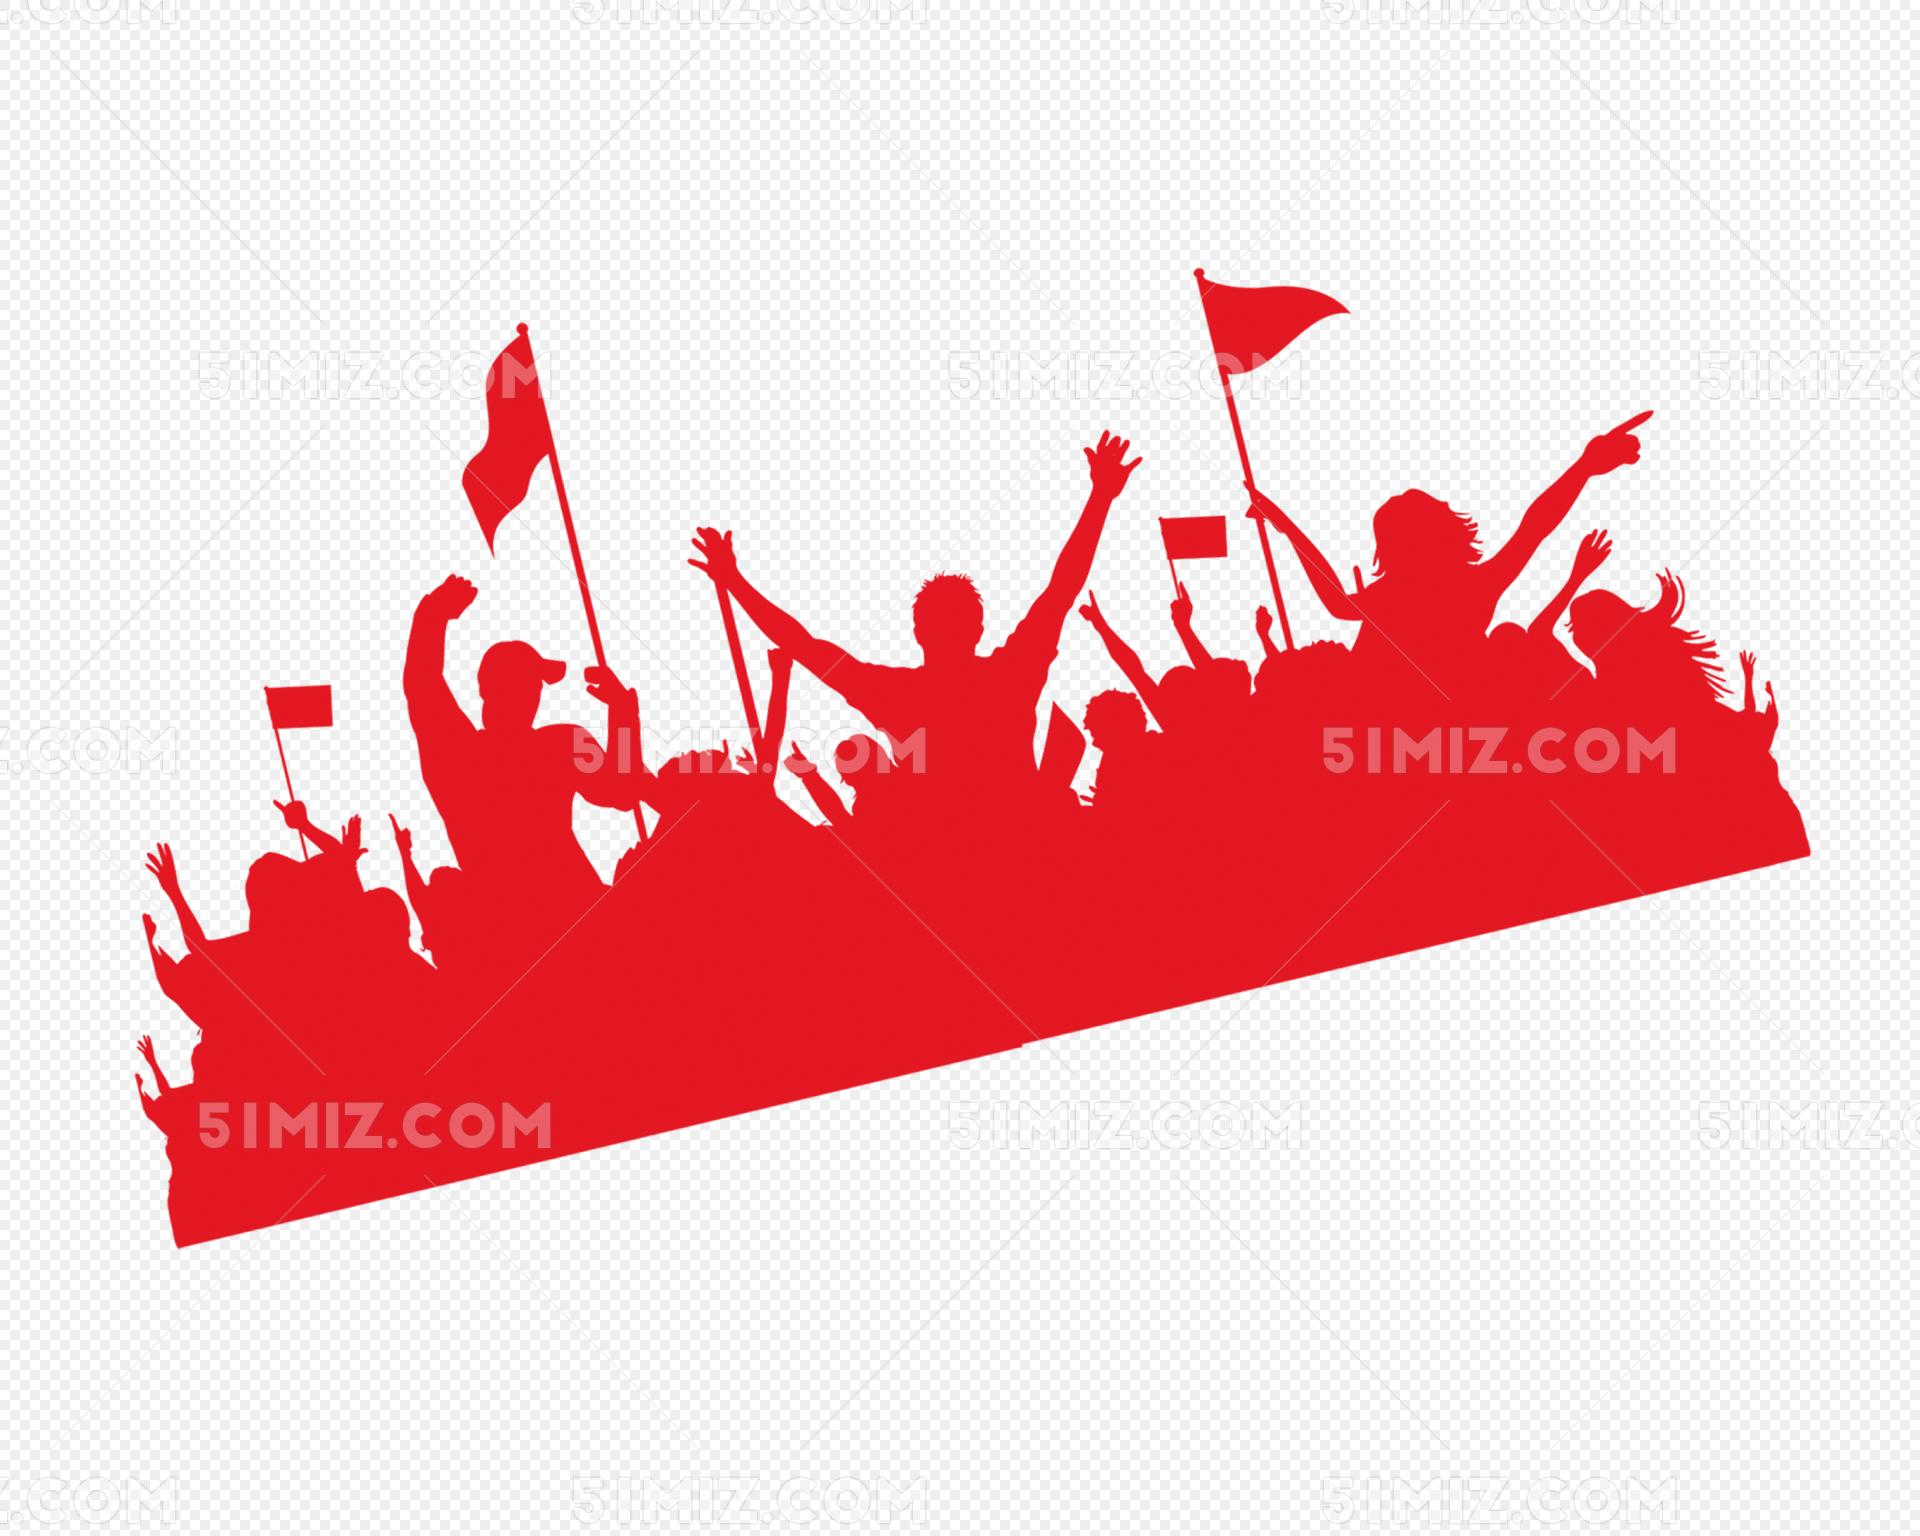 红军会师红色剪影图片素材免费下载_觅知网